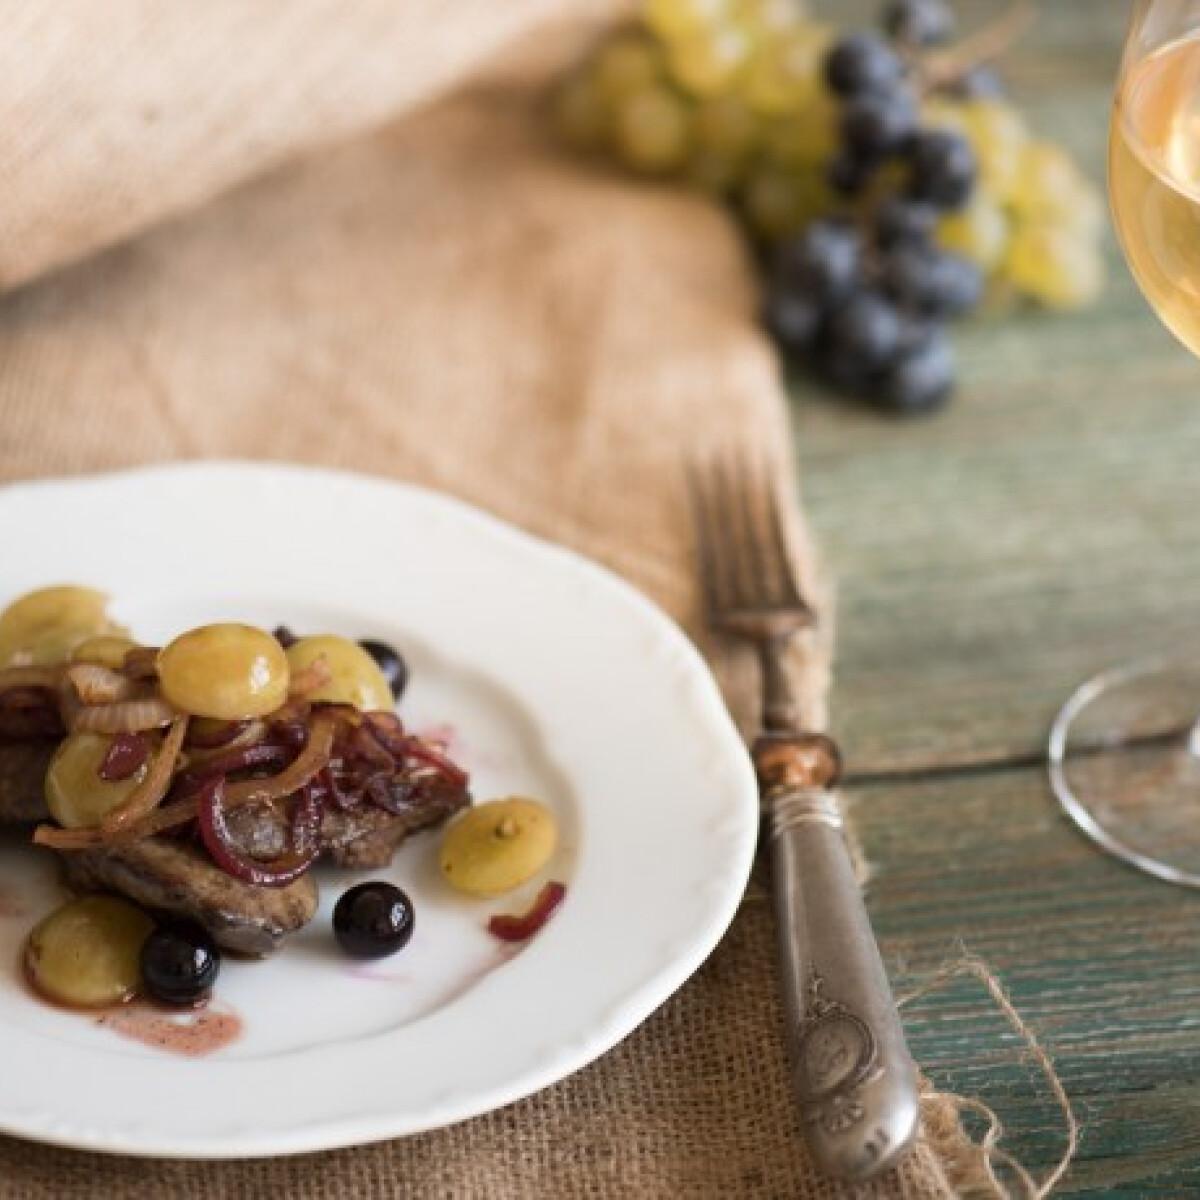 Ezen a képen: Csirkemáj szőlővel és mustmártással